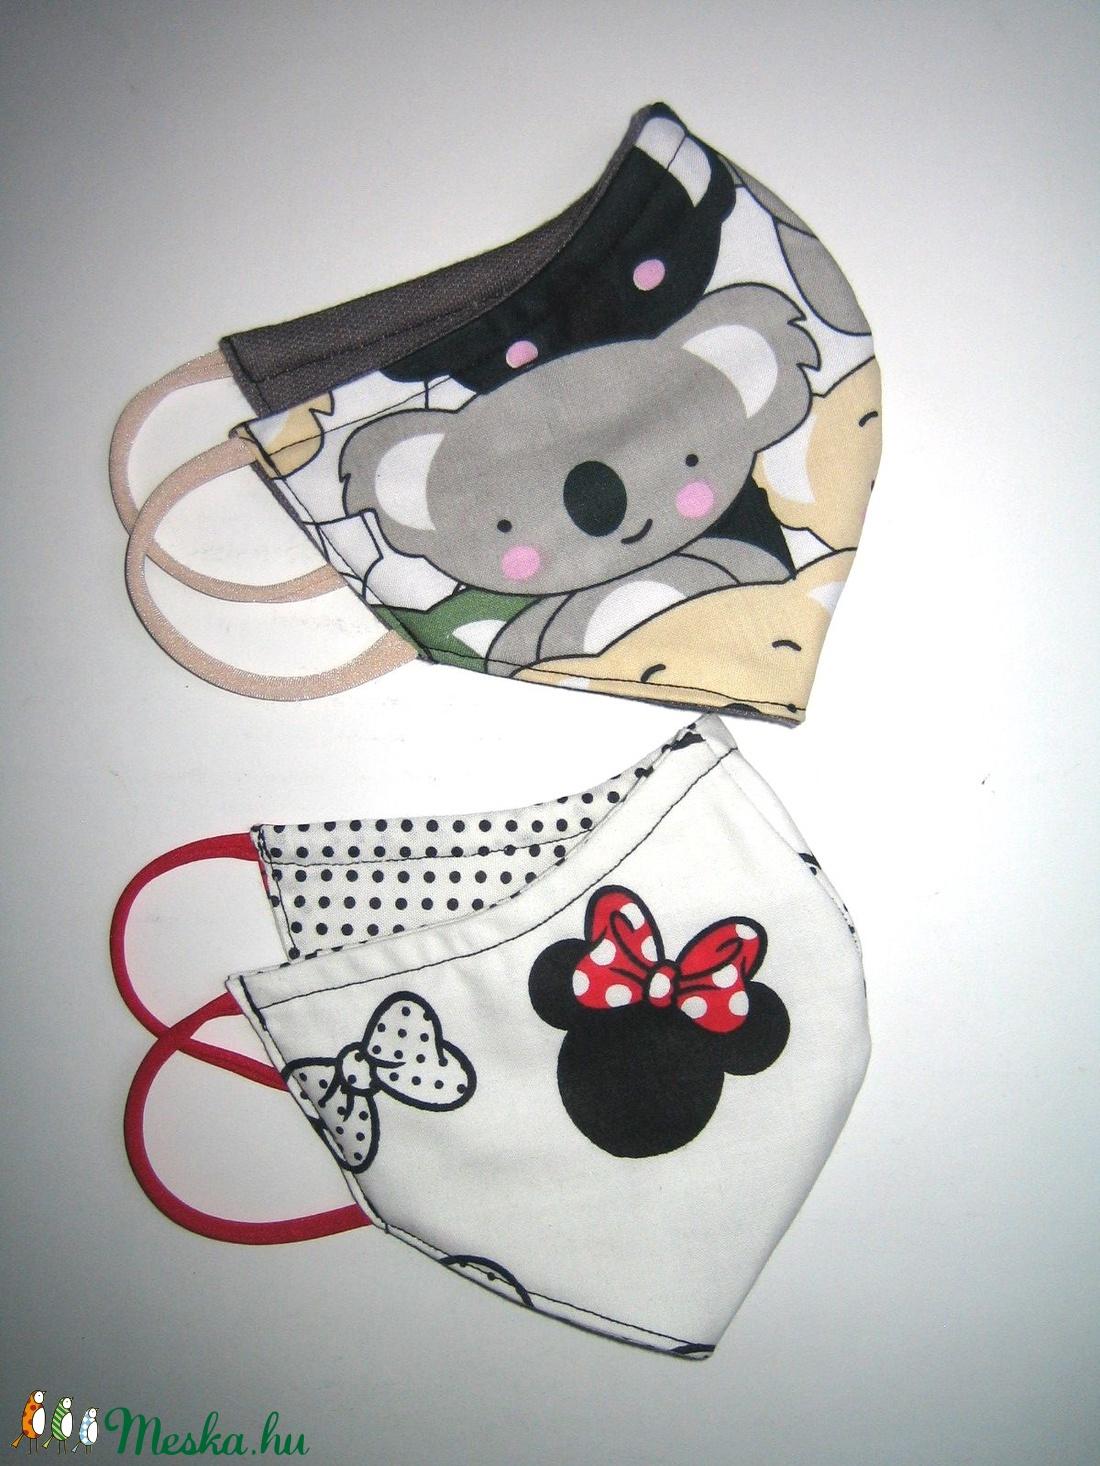 4in2 szájmaszk szett arc maszk Minnie és Koala - maszk, arcmaszk - női - Meska.hu